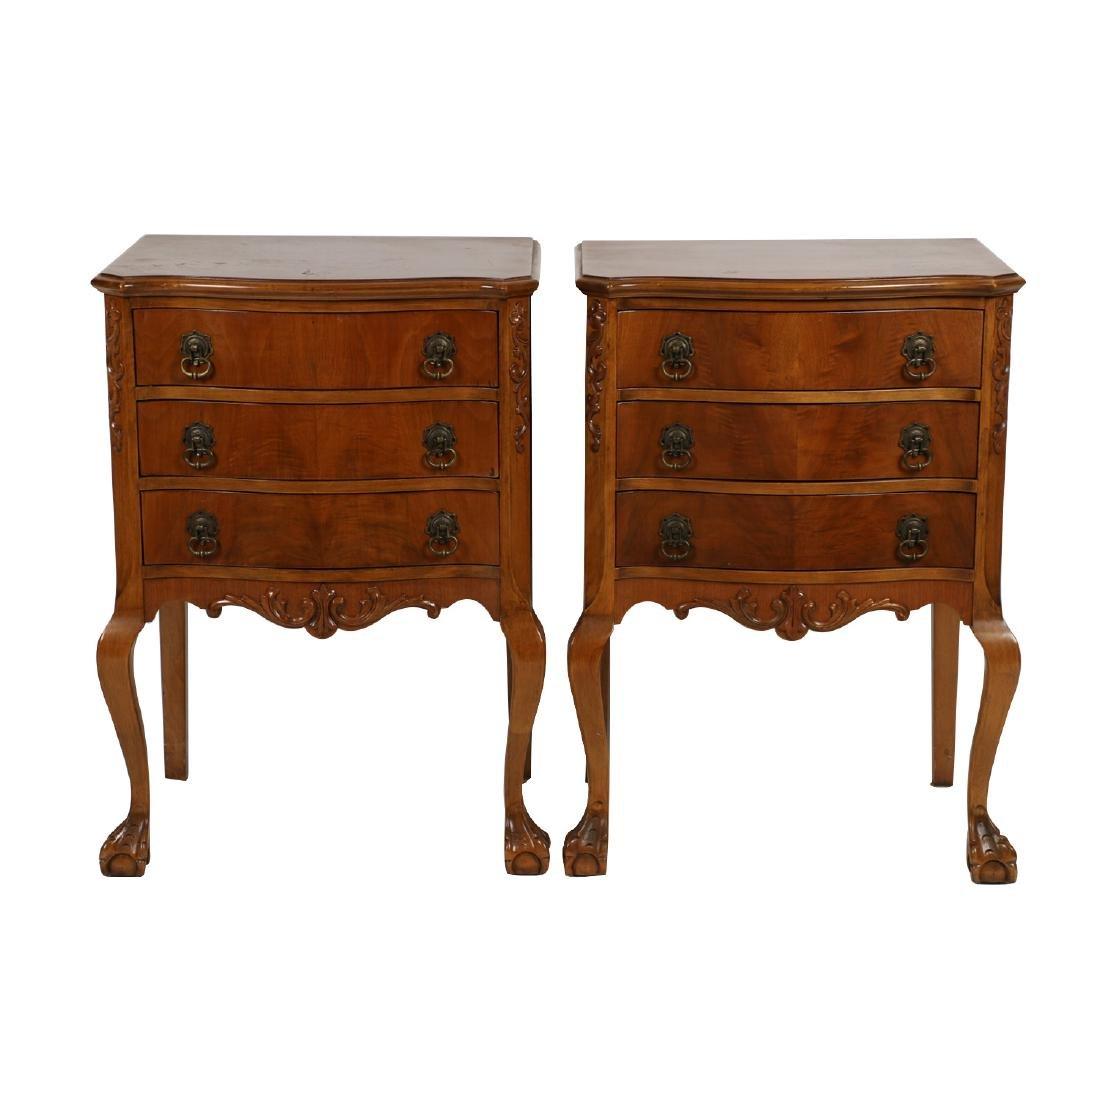 Gibbard Side Tables